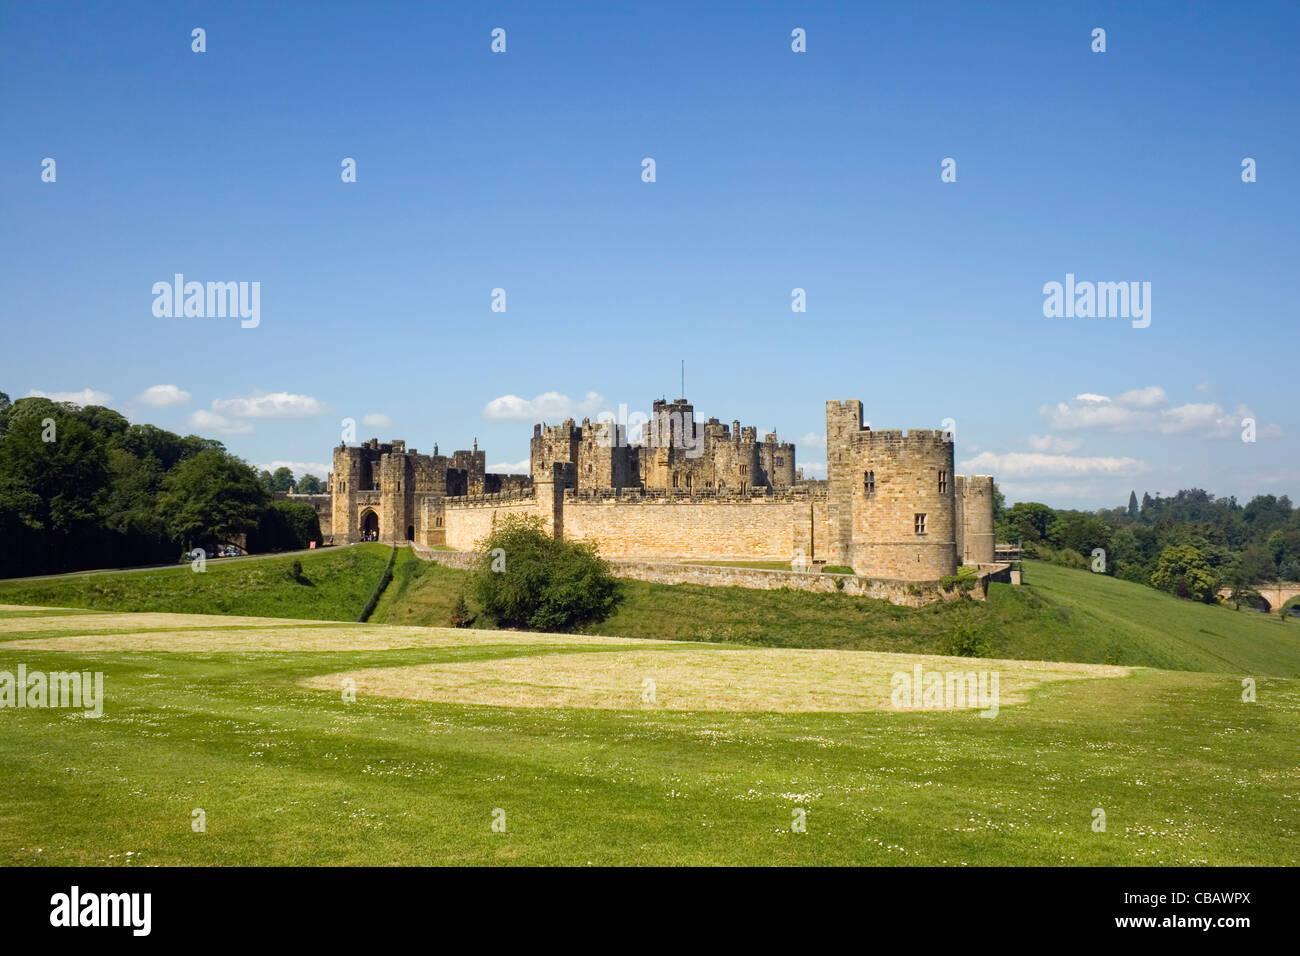 Alnwick Castle, Alnwick, Northumberland, England. - Stock Image